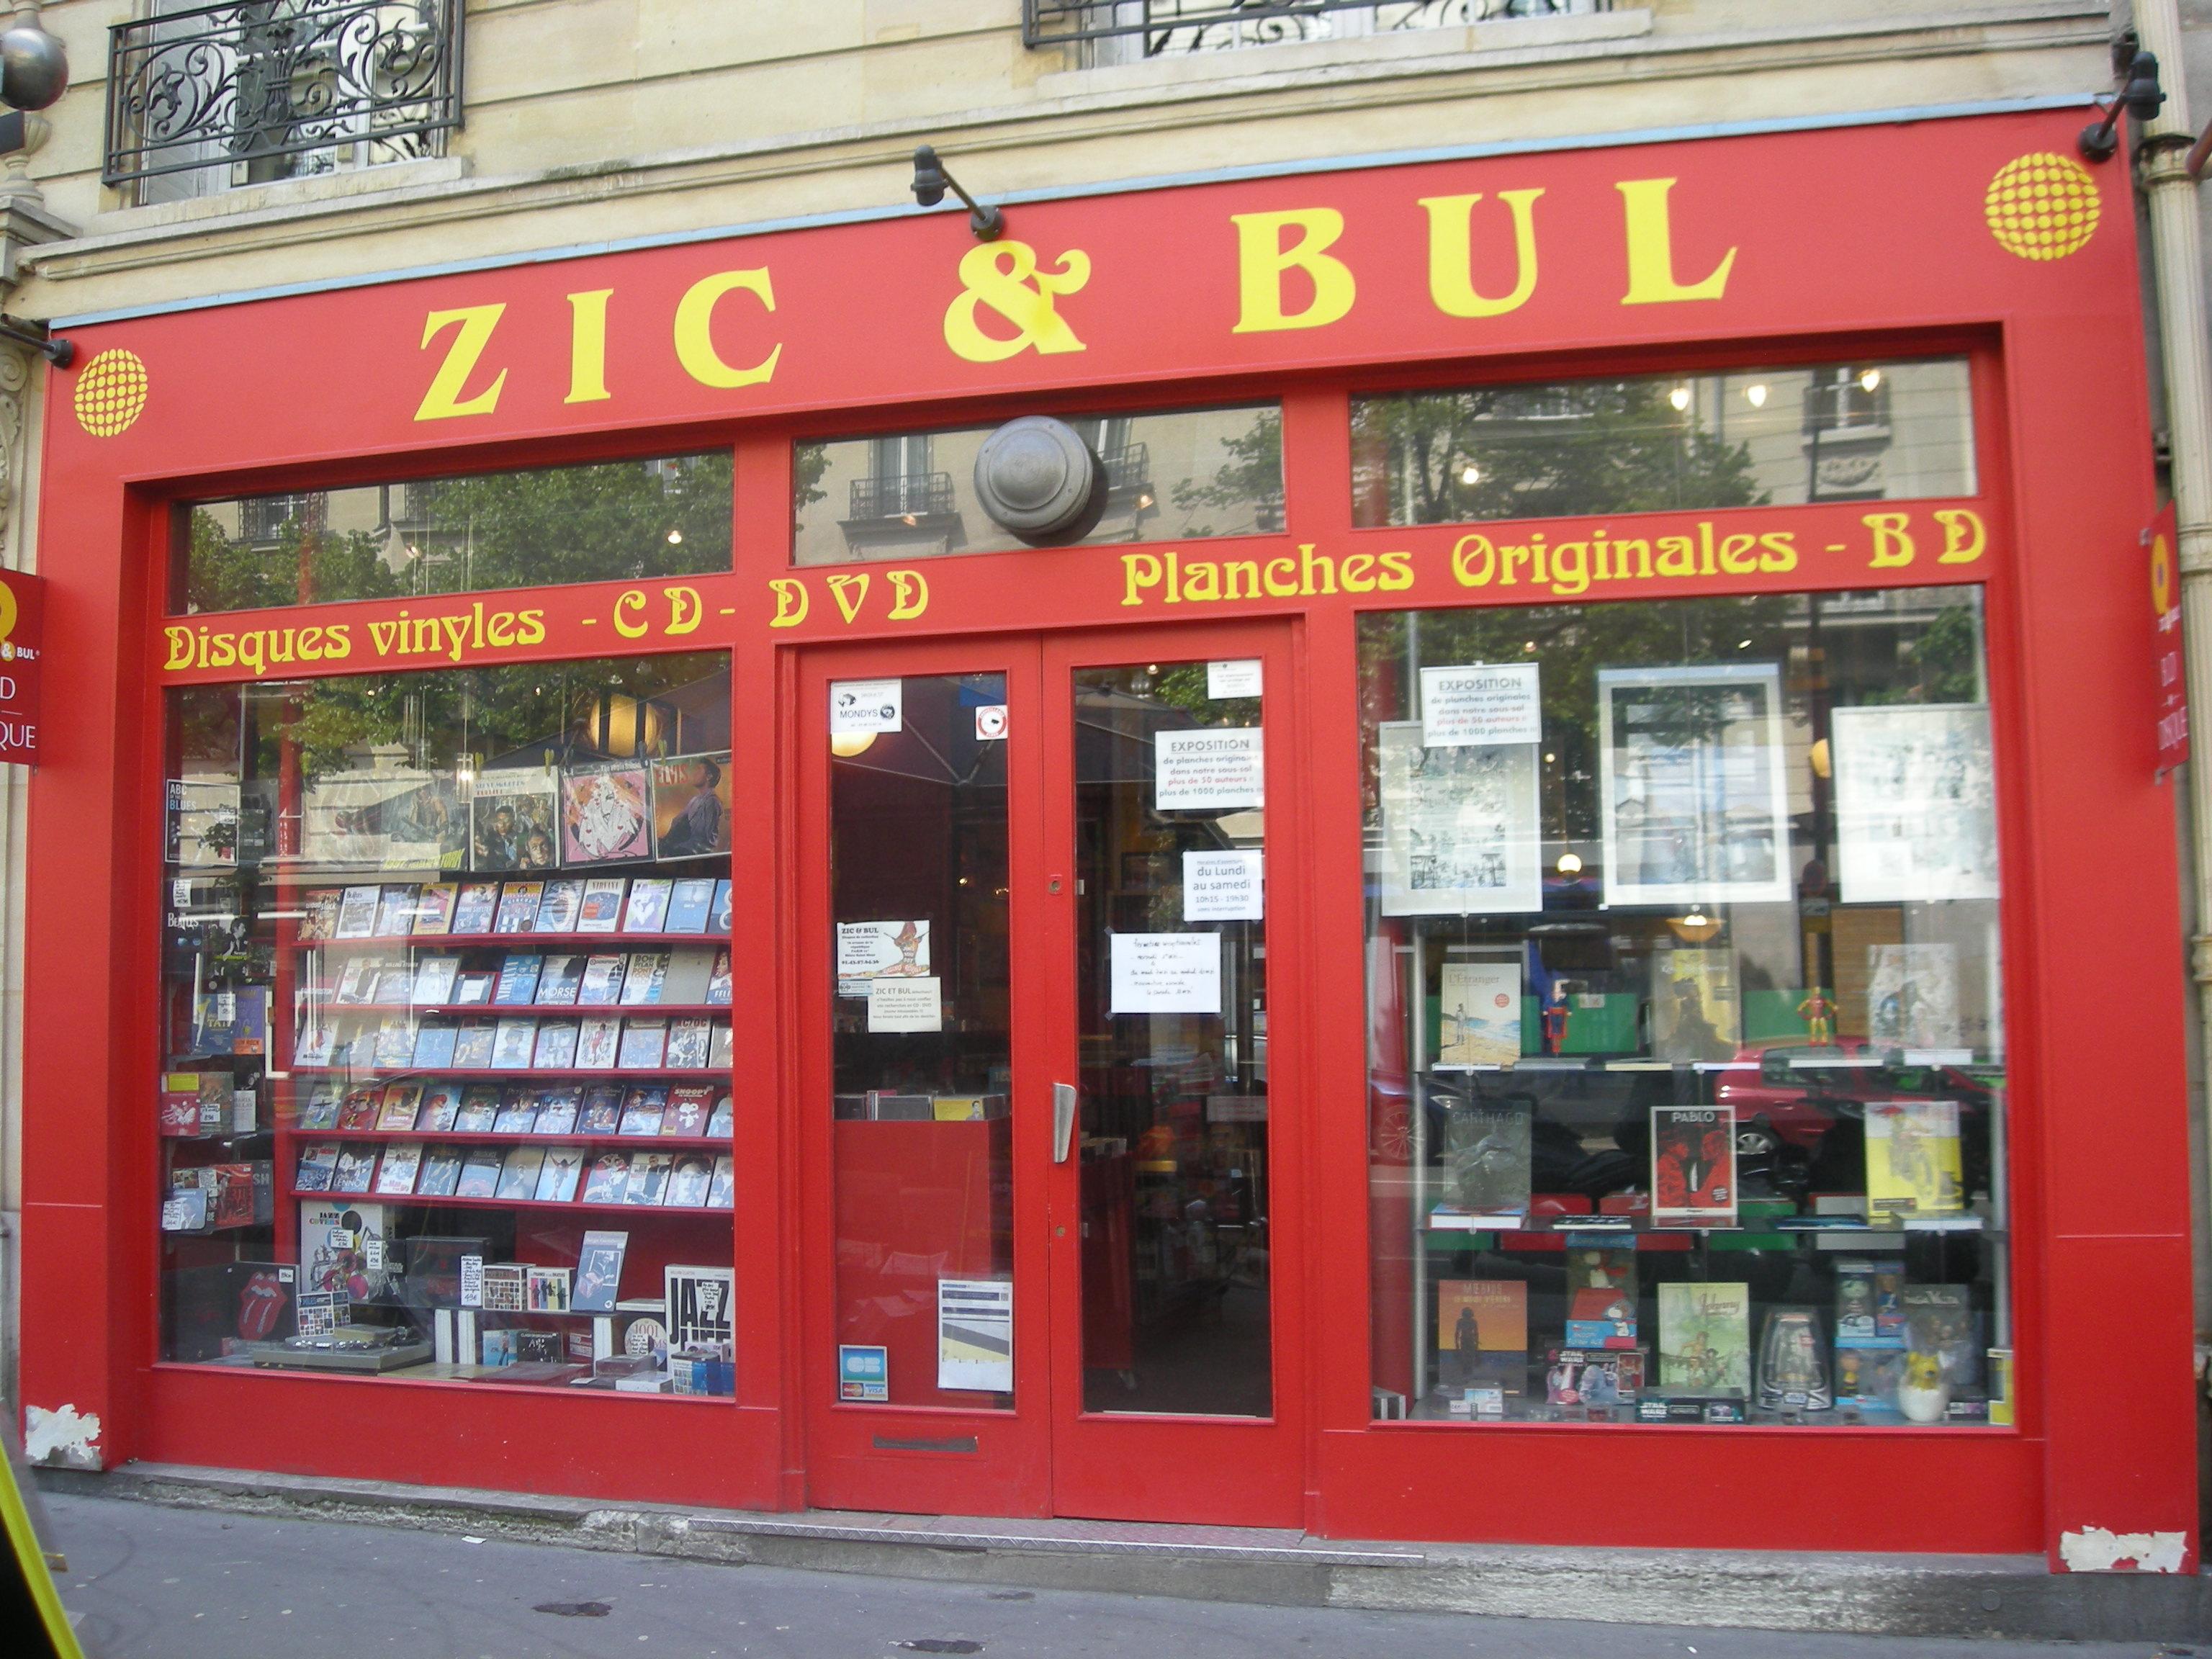 Zic & Bul